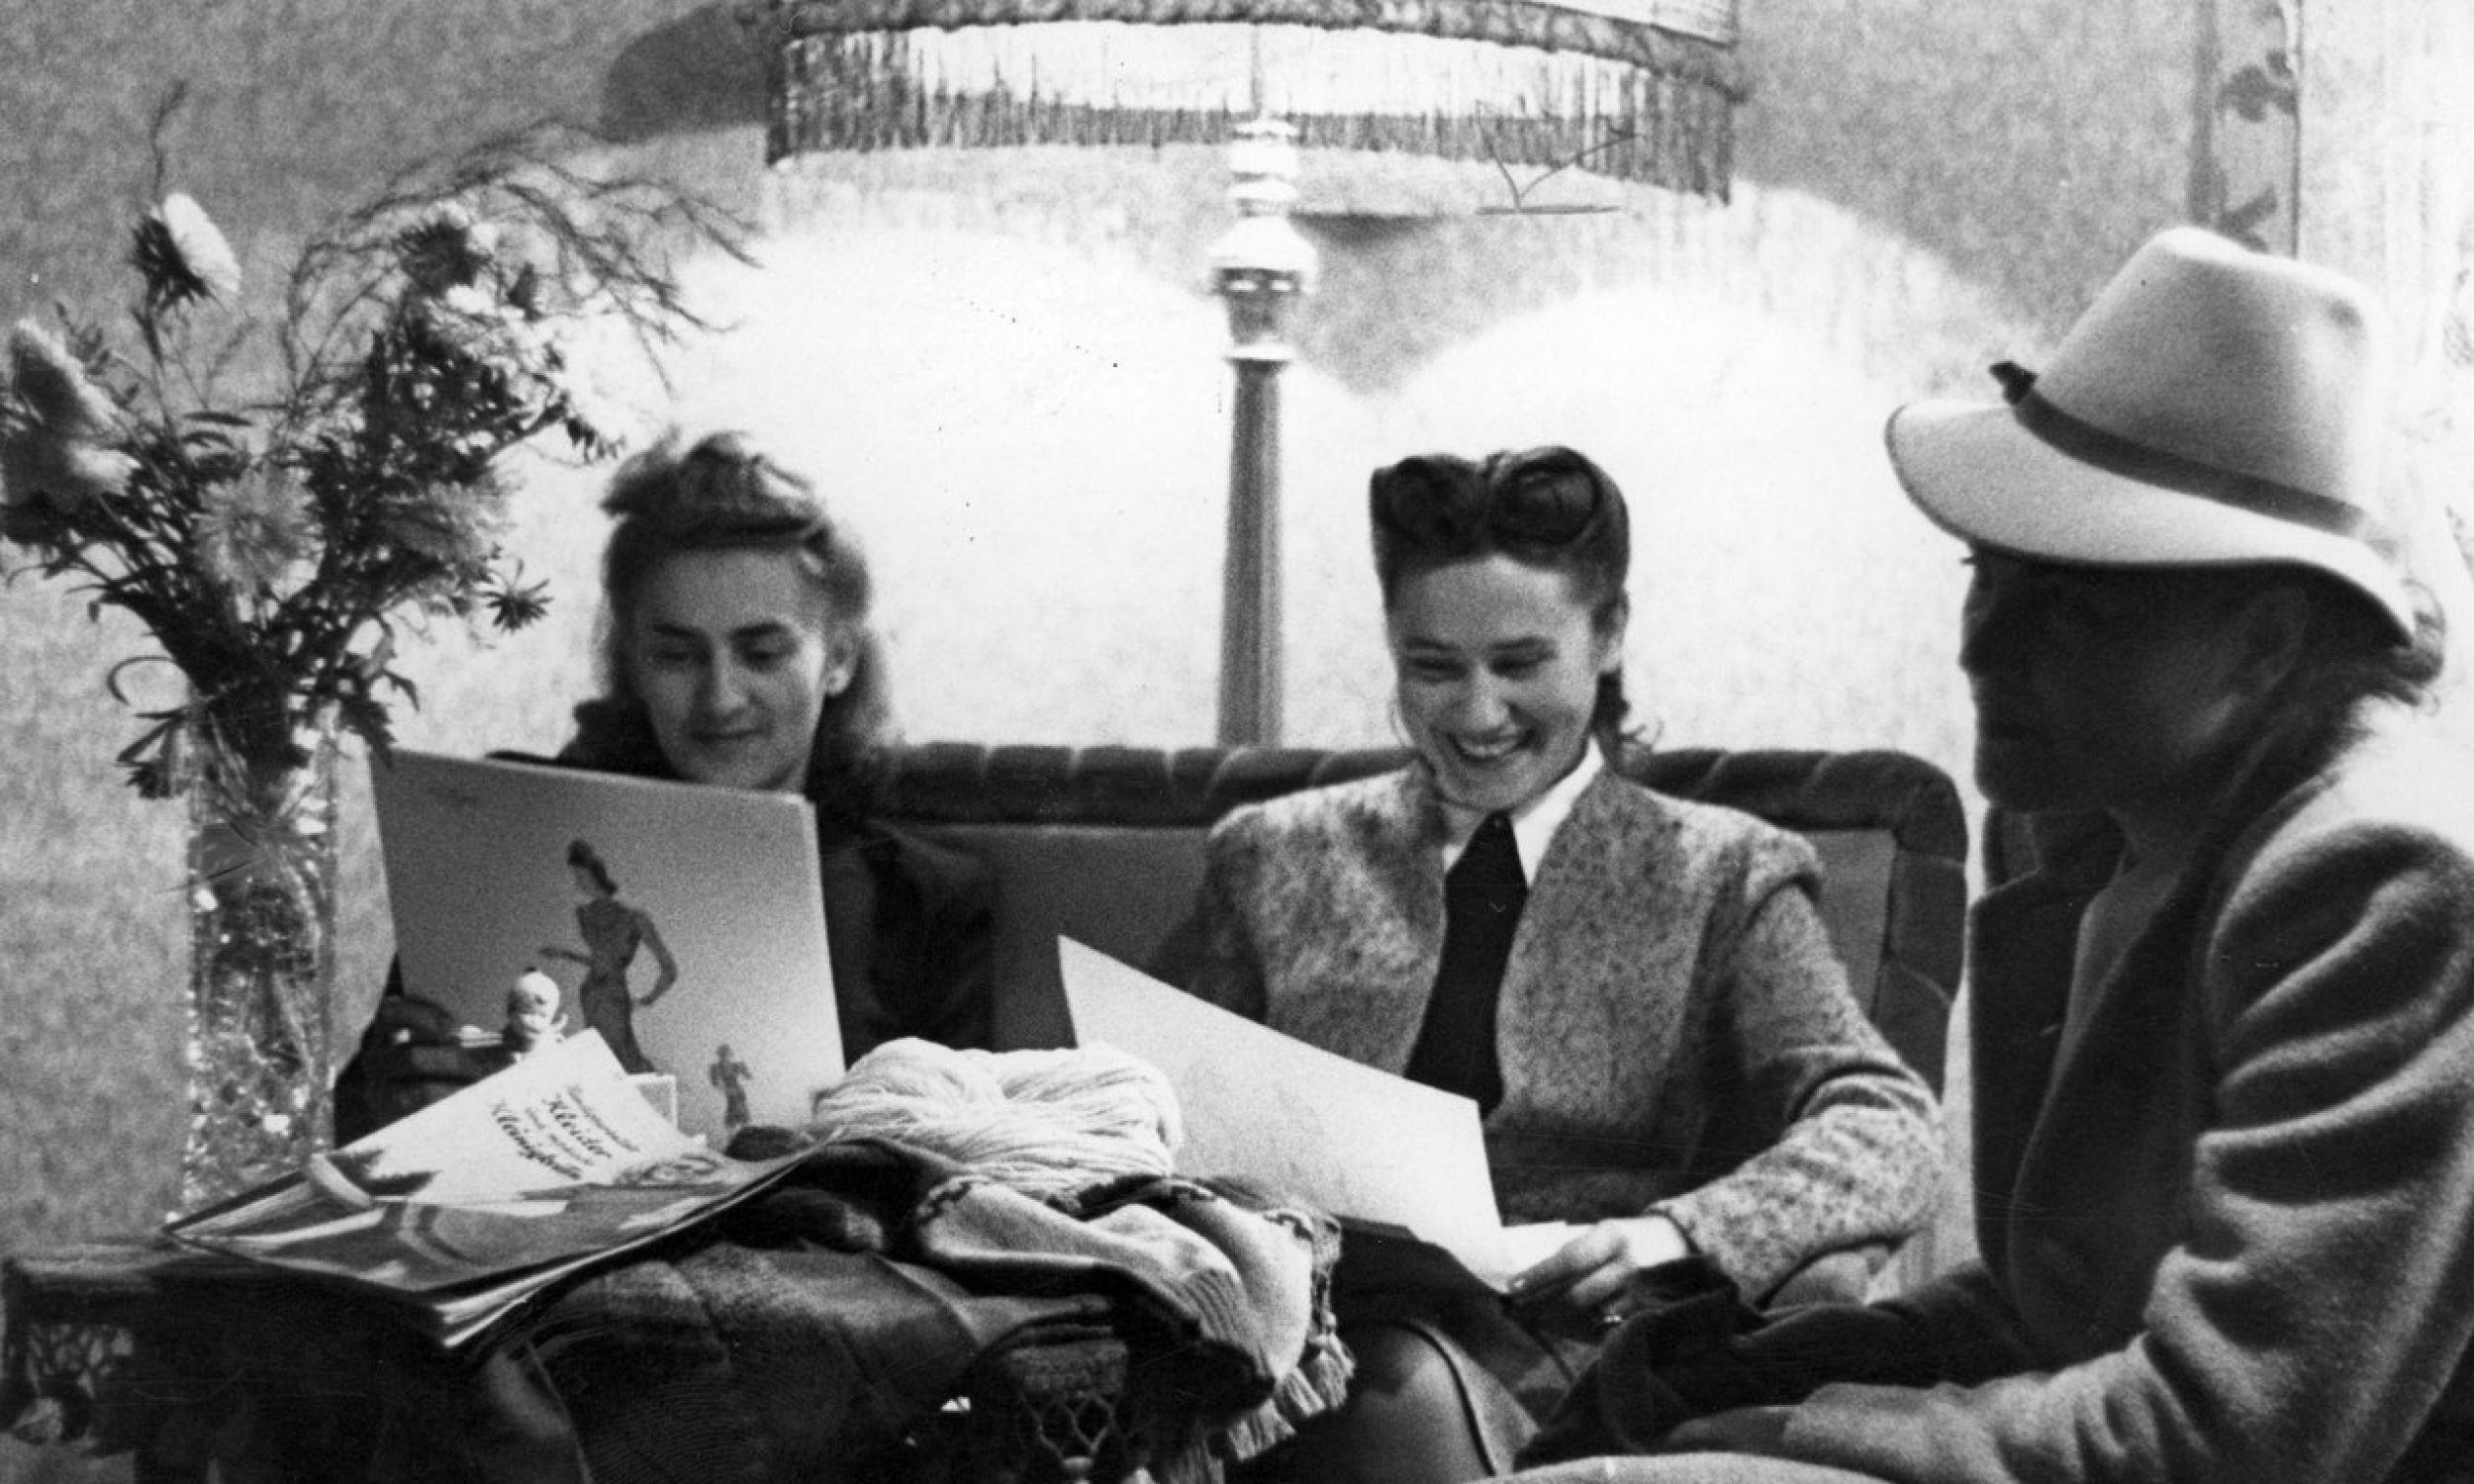 """W tygodniku ilustrowanym """"7 Dni"""" były bogato ilustrowane artykuły poświęcone projektom Zofii Hebdy, właścicielki jedynego działającego w tamtych czasach Studio Mody """"Falbanka"""". Otwarto ją w 1940 roku. Najpierw znajdowało się w Alejach Jerozolimskich, a potem przy ulicy Czackiego.Na zdjęciu kobiety przeglądają katalogi z modnymi strojami. Fot. NAC Jerzy Łuczyński, Wydawnictwo Prasowe Kraków-Warszawa, sygnatura: 2-7140"""